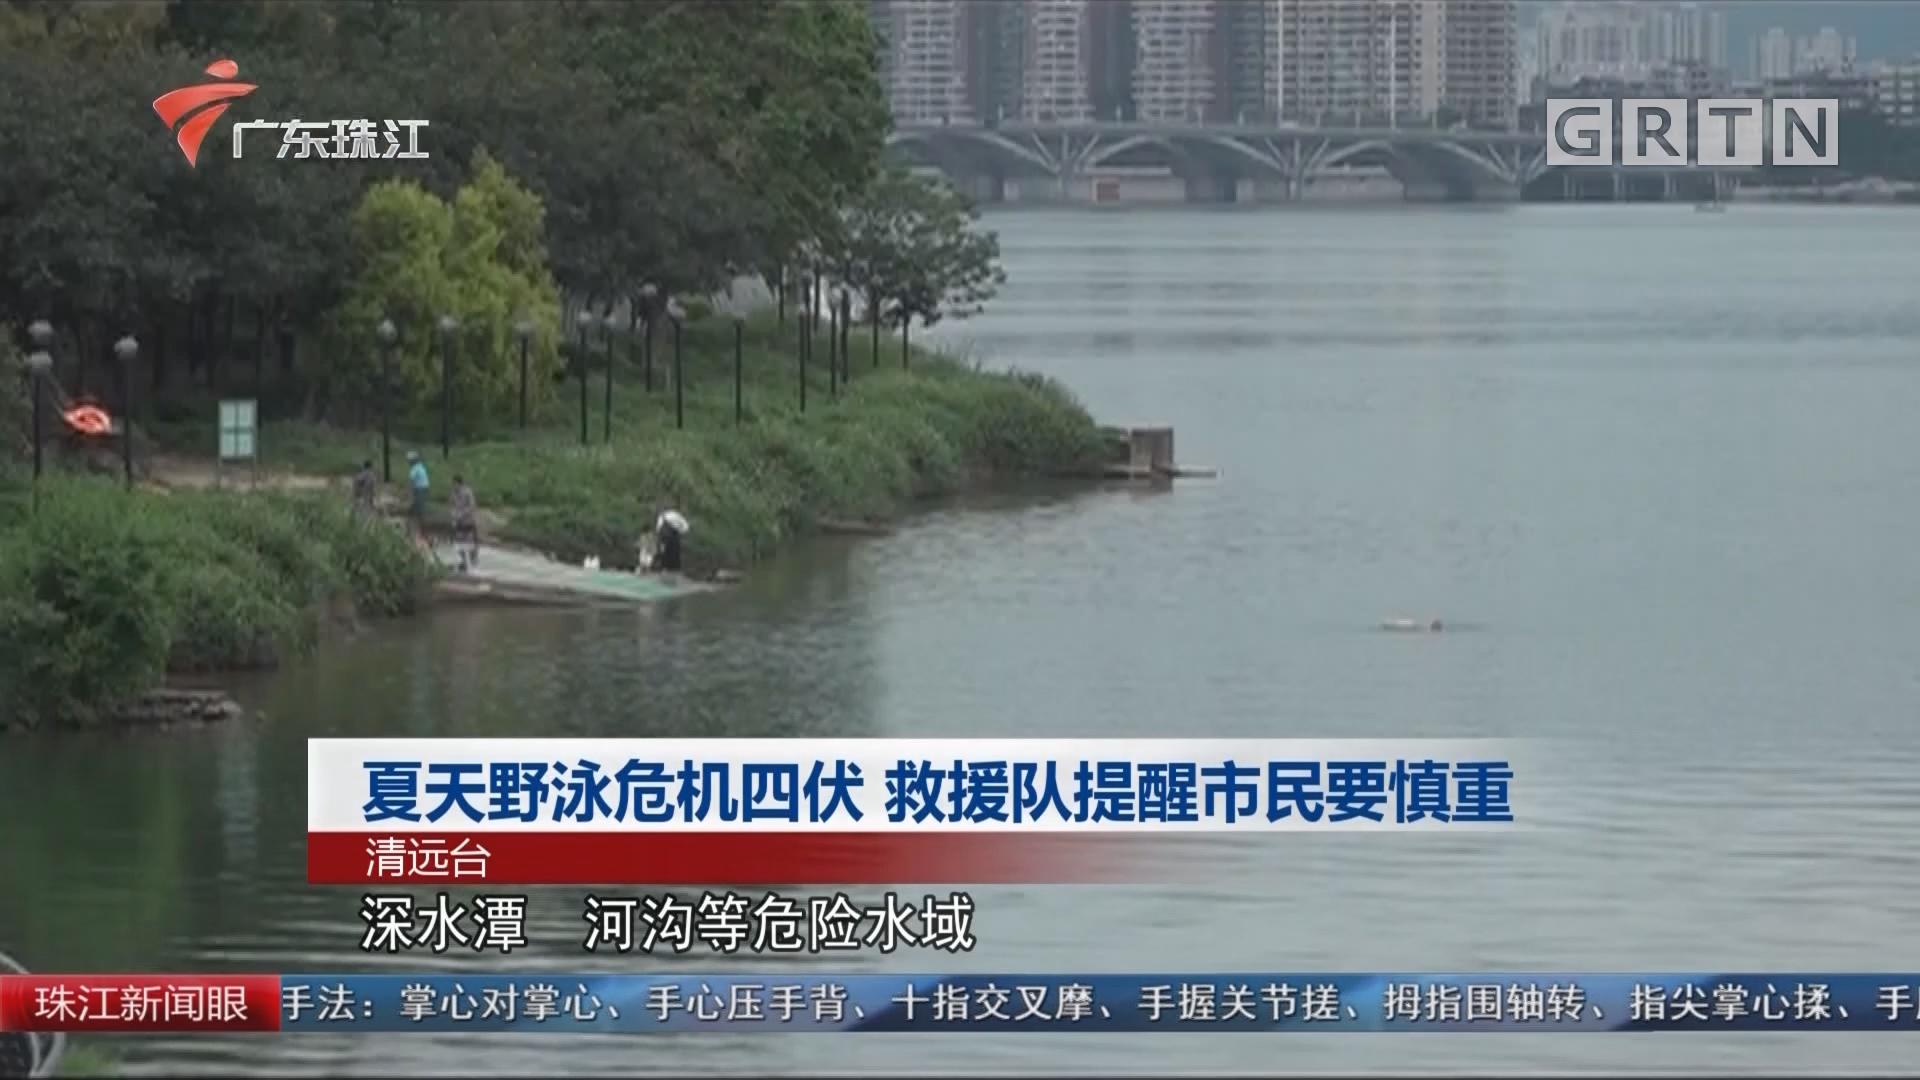 夏天野泳危机四伏 救援队提醒市民要慎重